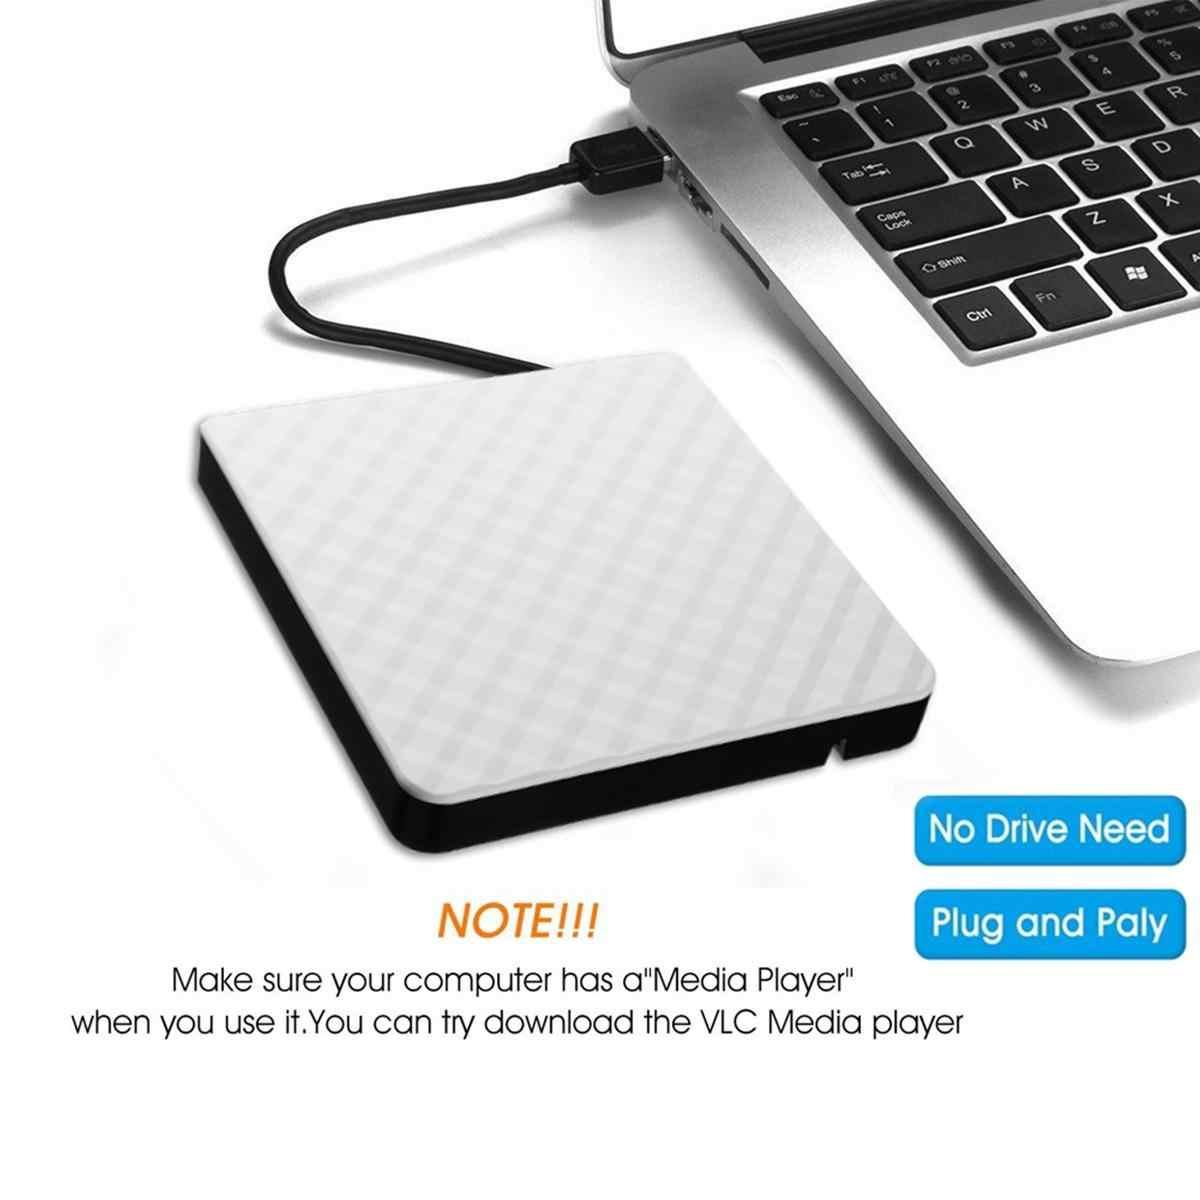 LEORY نمط جديد الأبيض الخارجي USB3.0 DVD RW CD الكاتب سليم محرك الموقد قارئ لاعب نوع صينية للكمبيوتر المحمول